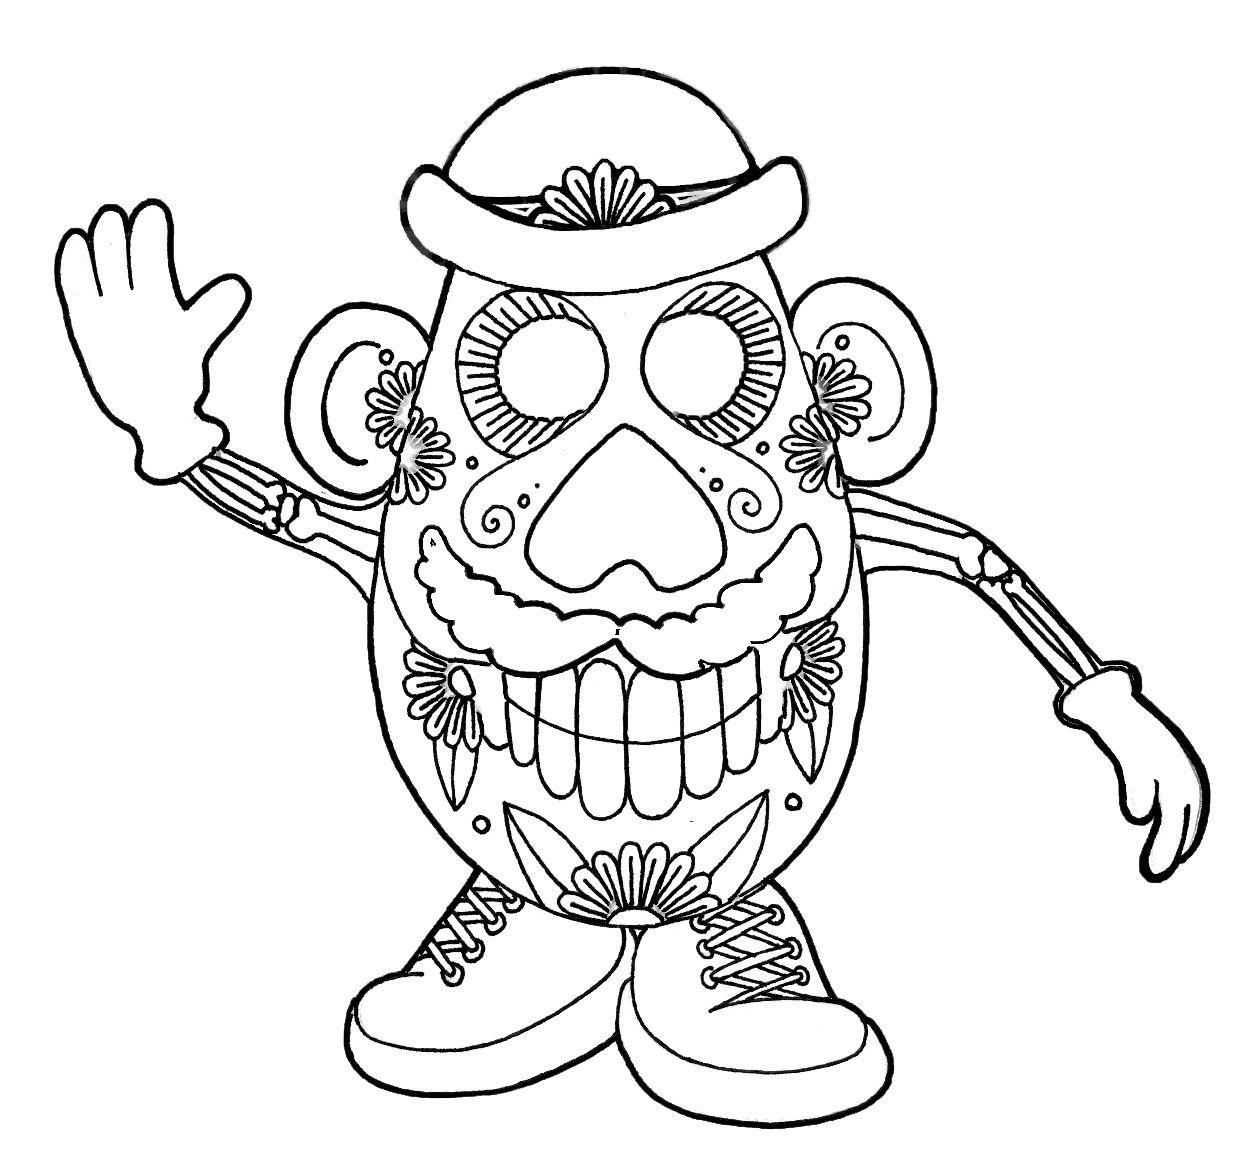 dog sugar skull coloring pages | Épinglé sur tête de mort , squelette /death's head , skeleton